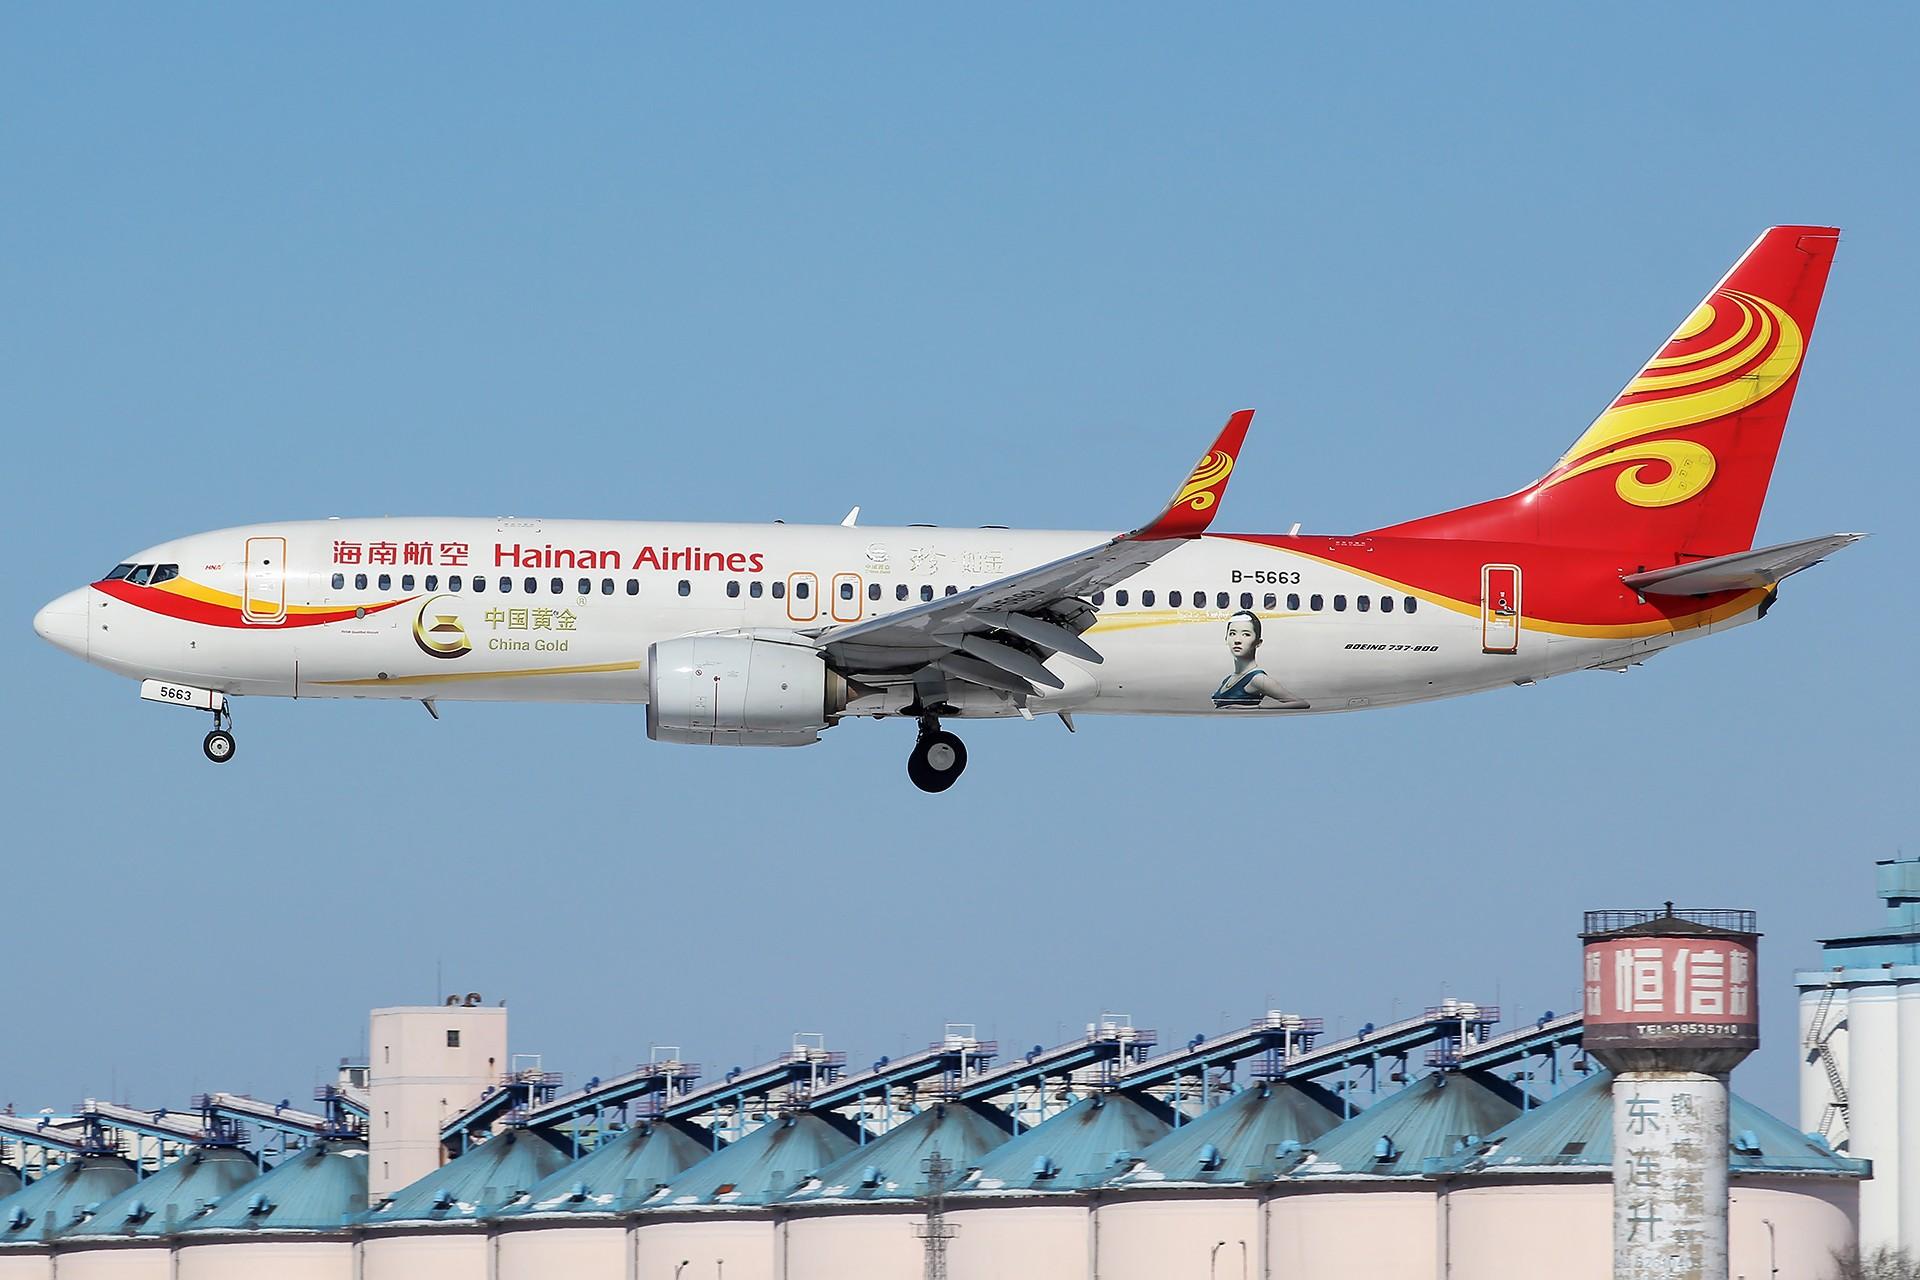 Re:[原创][DLC]。。。雪后天真就这么蓝。。。 BOEING 737-800 B-5663 中国大连国际机场